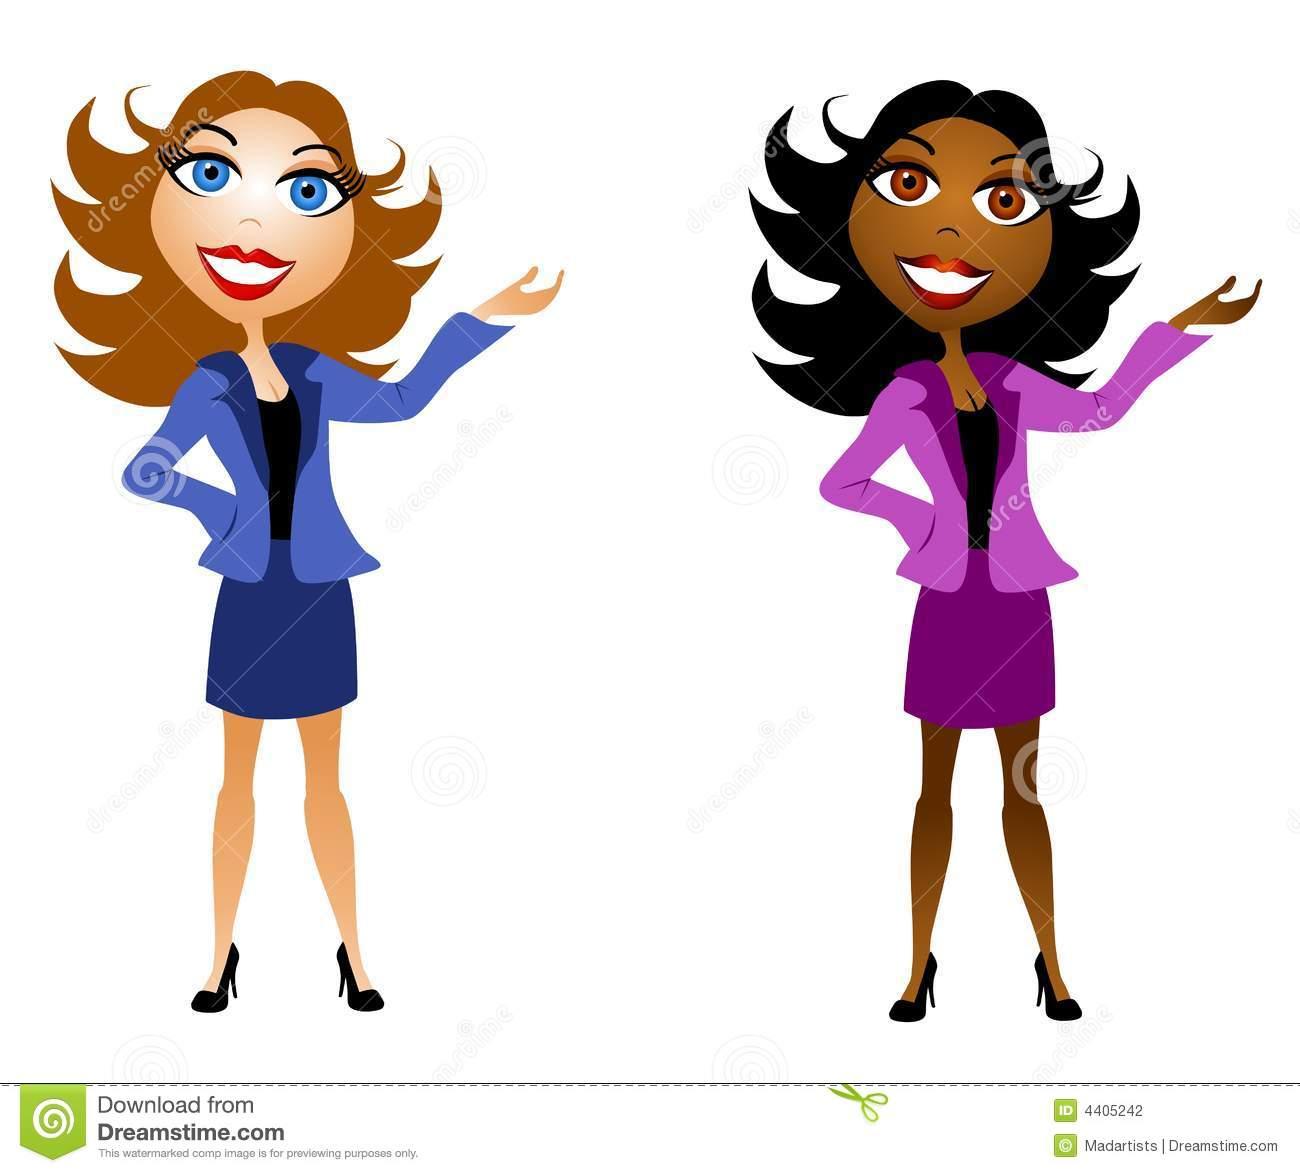 Women clipart business woman #4